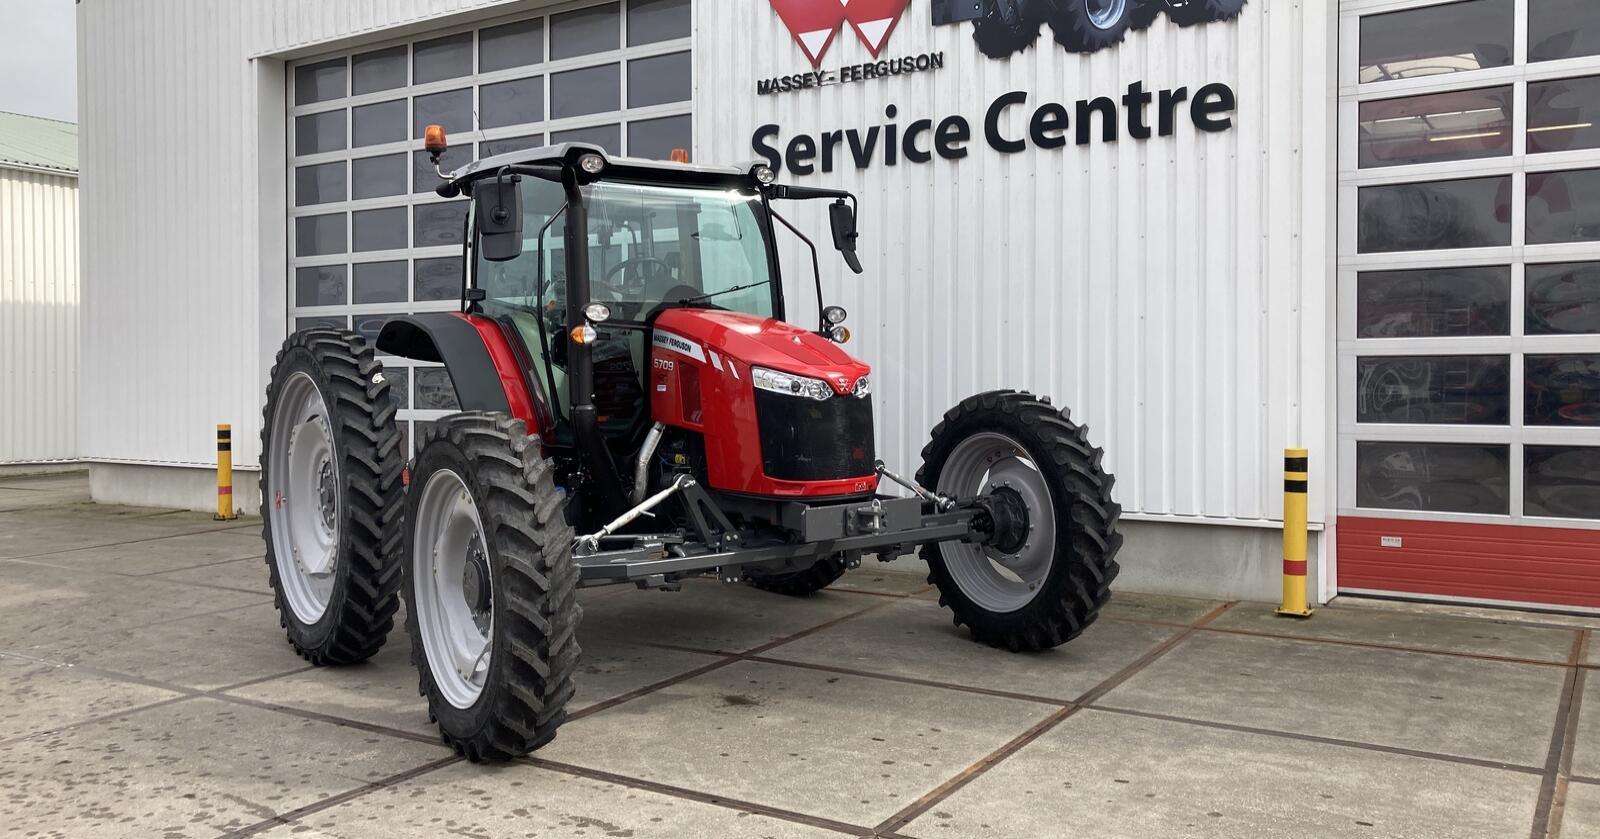 Spesial: Traktoren er bygget for en kunde som skal bruke den i økologisk drift